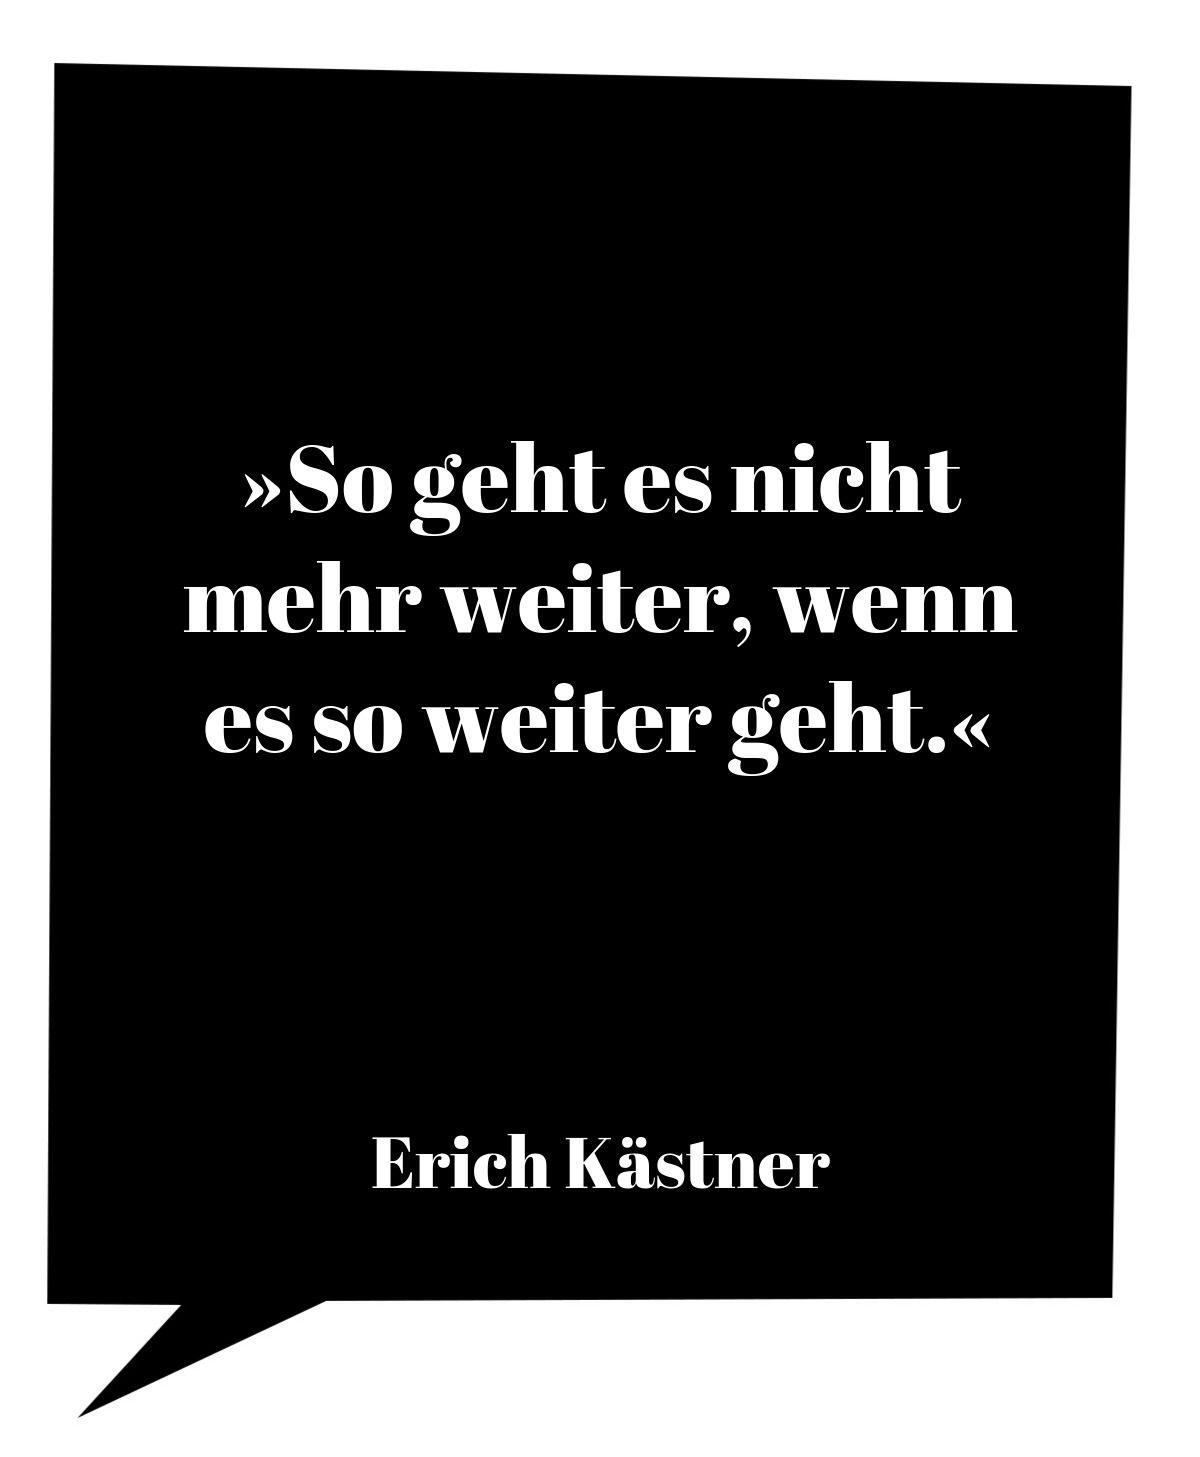 Kästner | deutsch | Pinterest | Punkt, Erich kästner und Sprüche